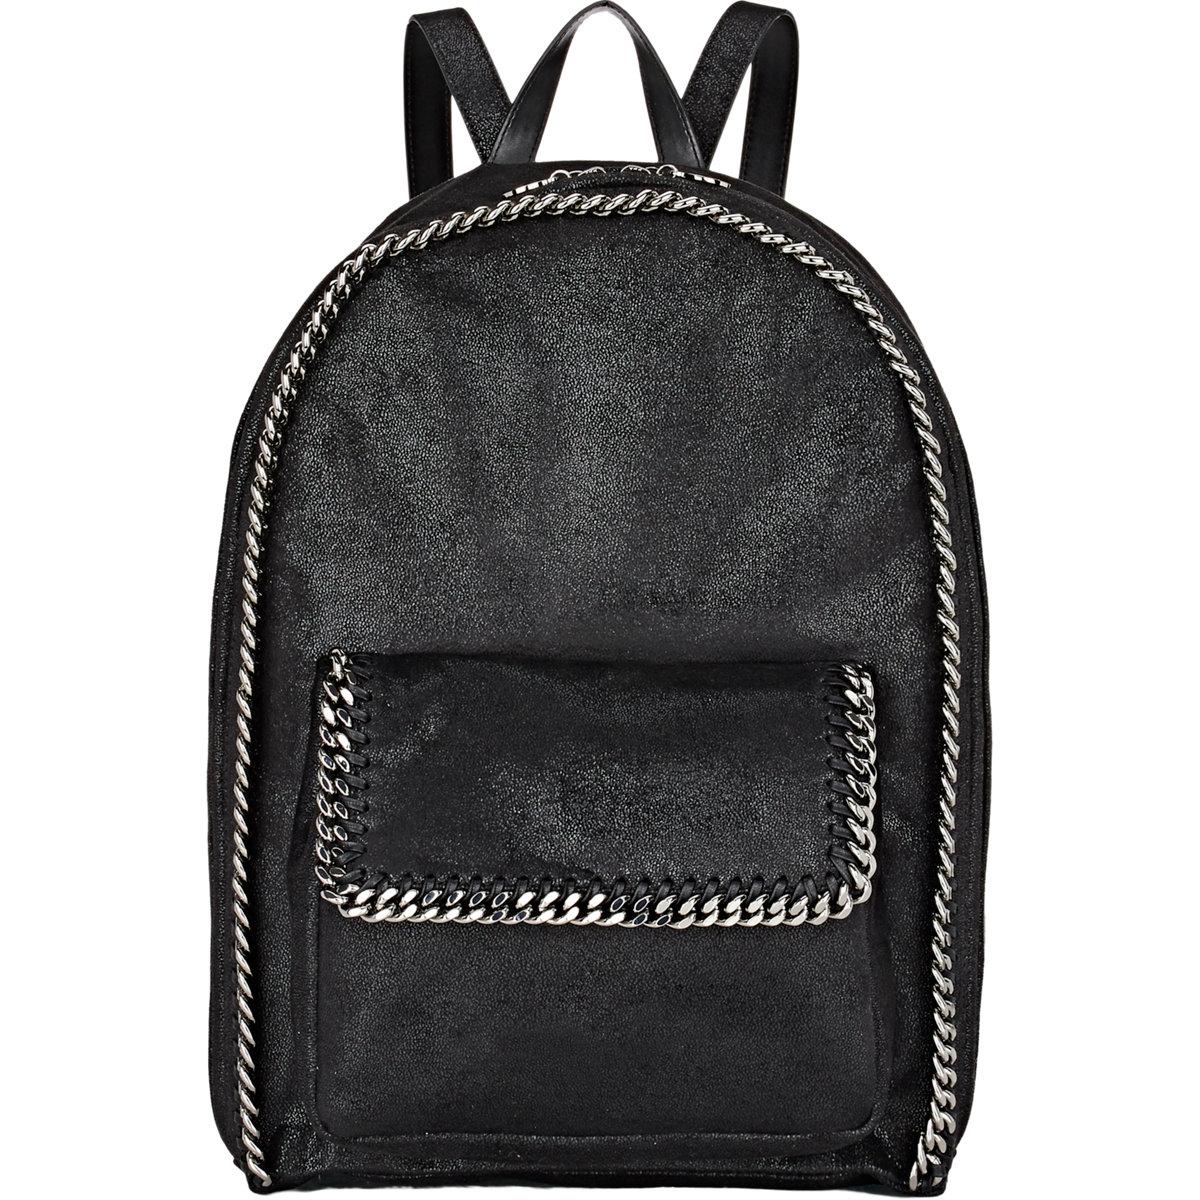 stella mccartney shaggy deer rucksack backpack in black lyst. Black Bedroom Furniture Sets. Home Design Ideas